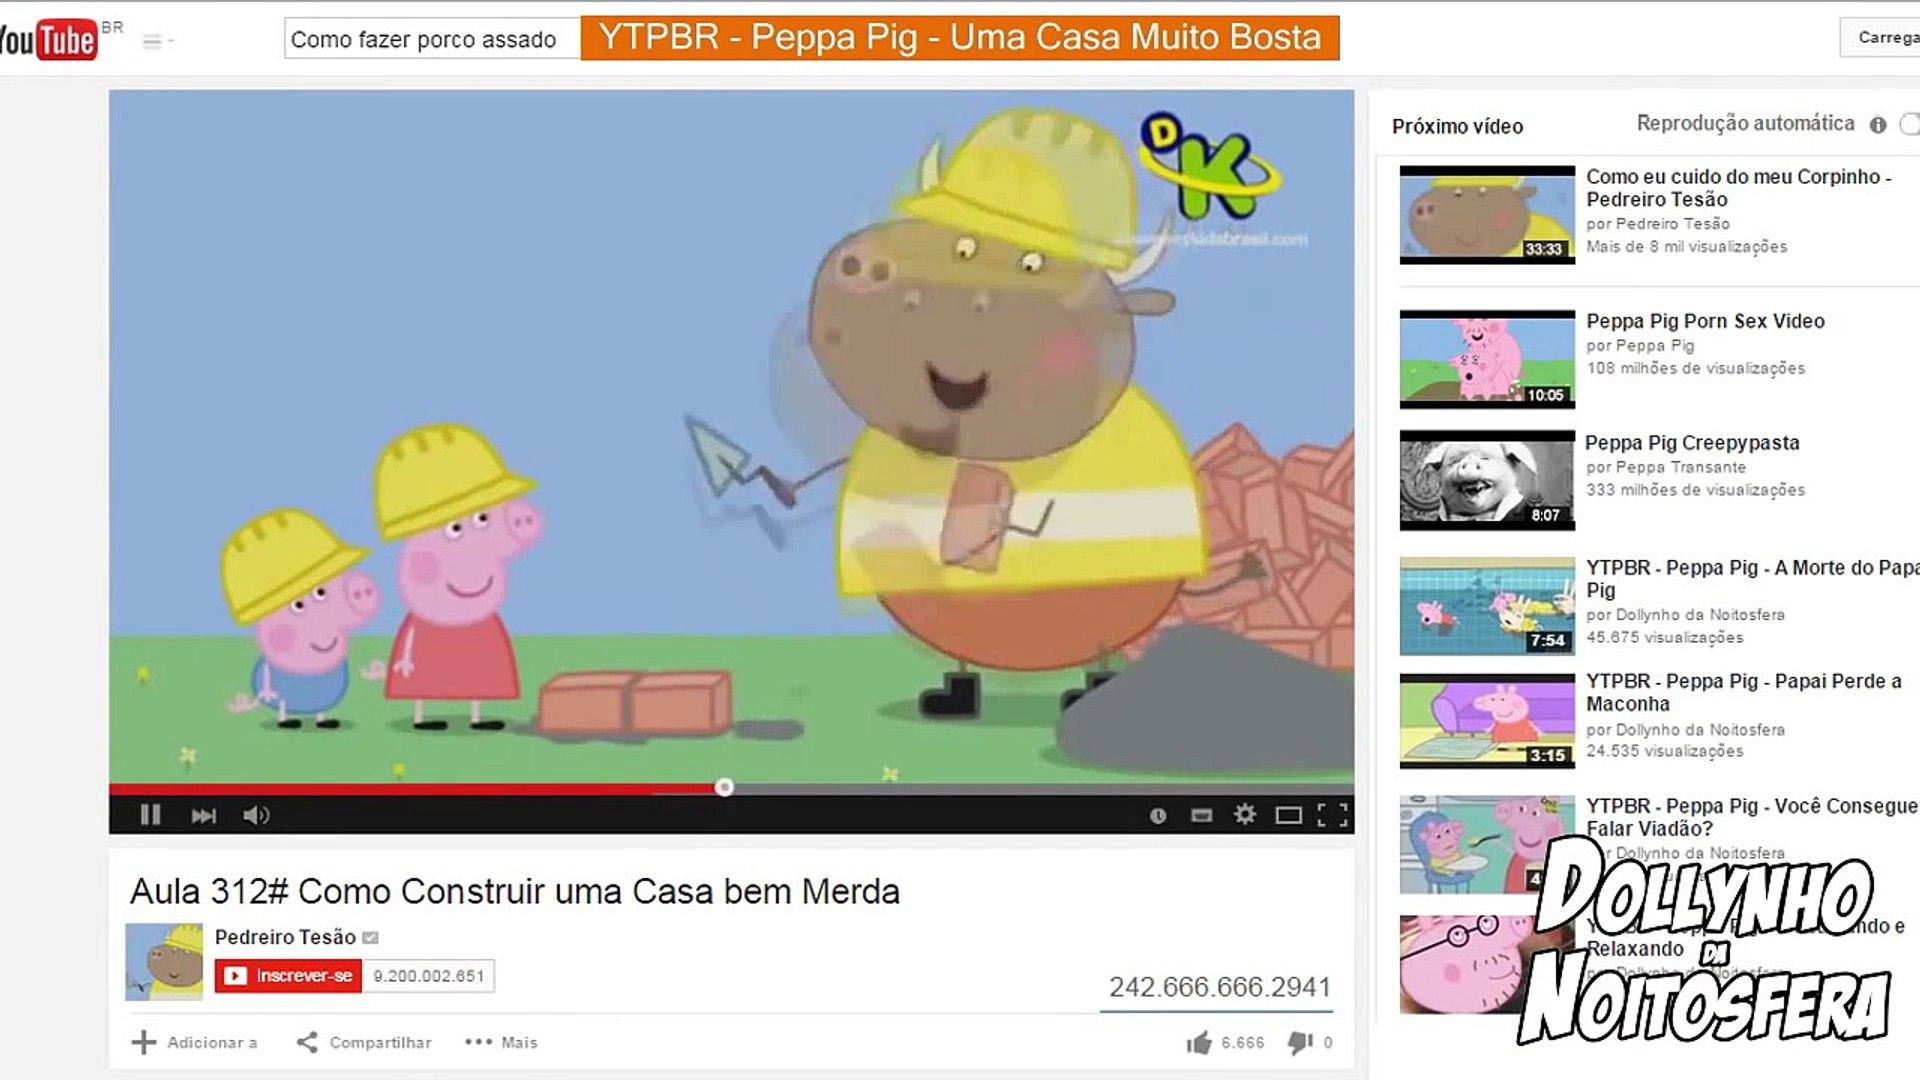 YTPBR - Peppa Pig - Uma Casa Muito Bosta